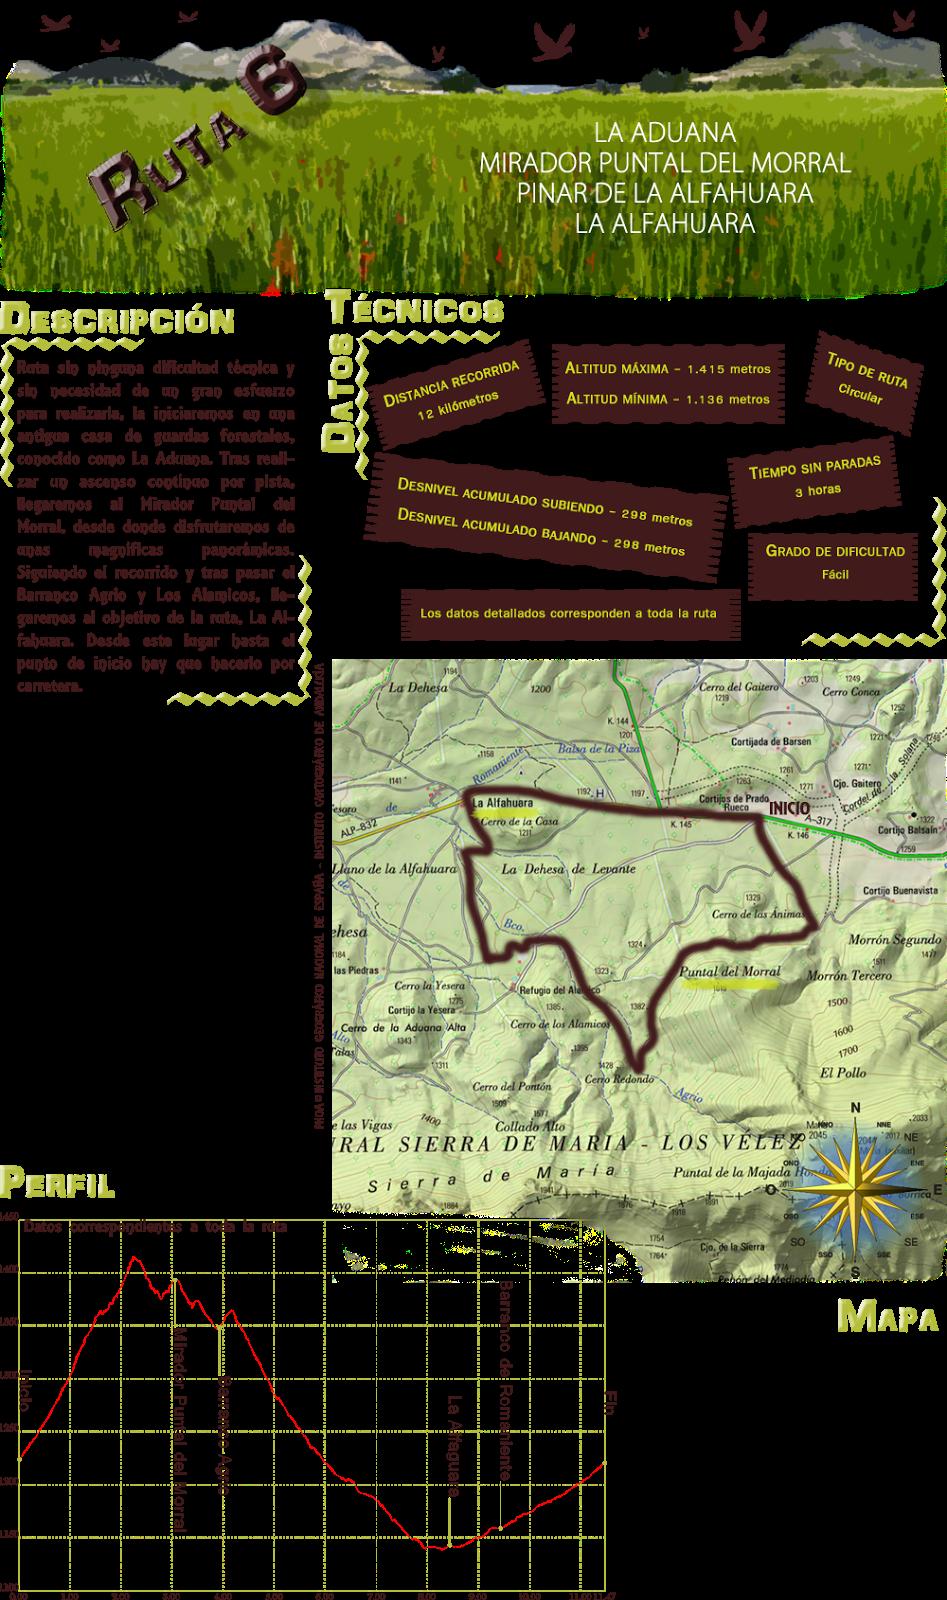 Ruta 6: Descripcion y datos tecnicos